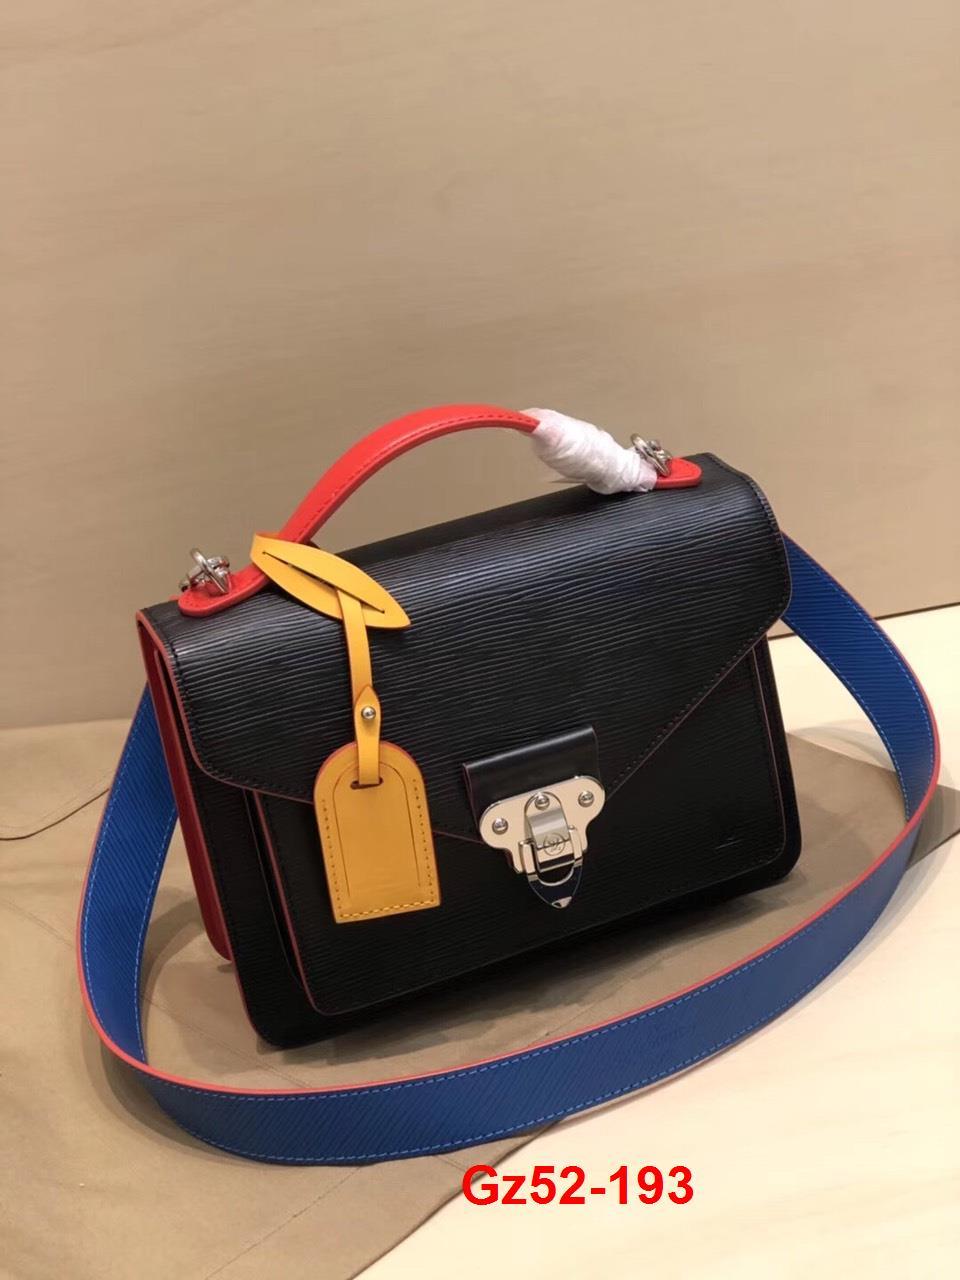 Gz52-193 Louis Vuitton túi size 24cm siêu cấp